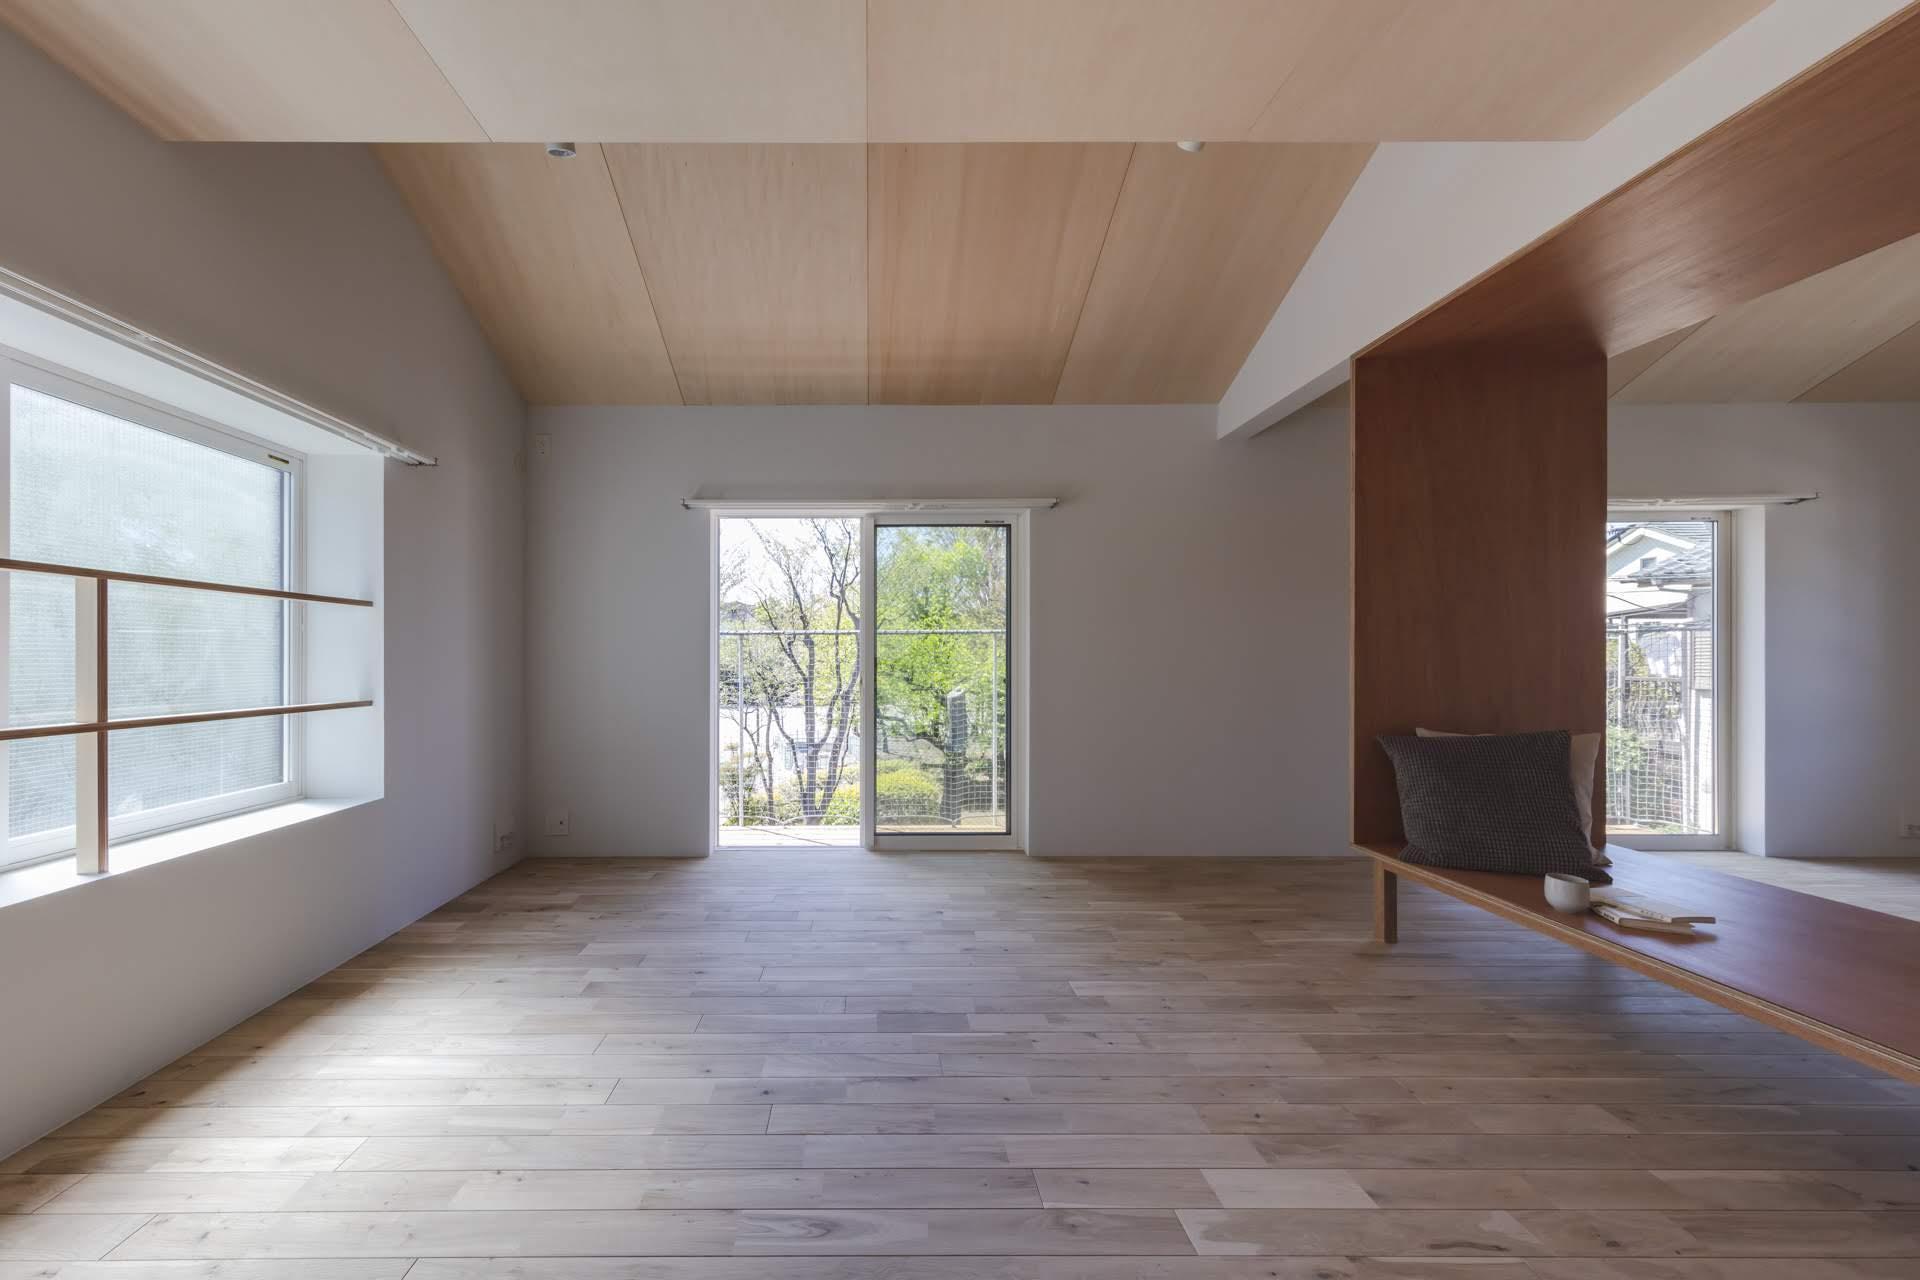 2階居室からも緑VIEW(撮影:高橋菜生)